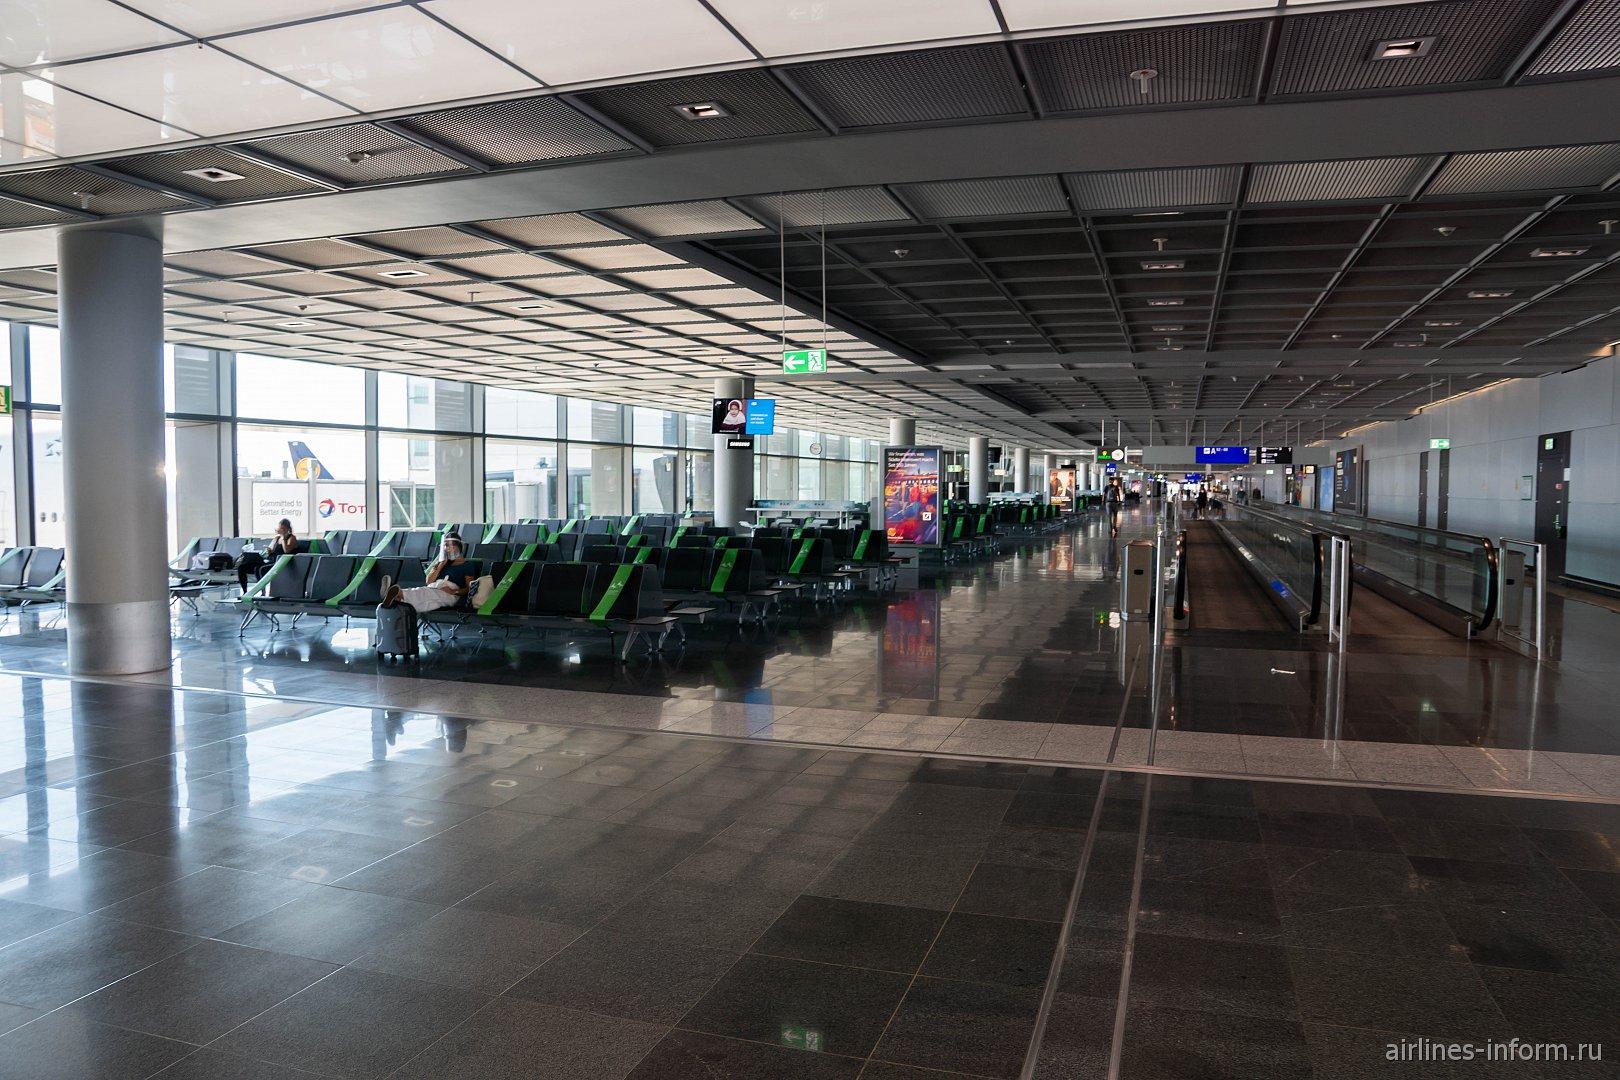 Новая посадочная галерея в терминале 1 аэропорта Франкфурт